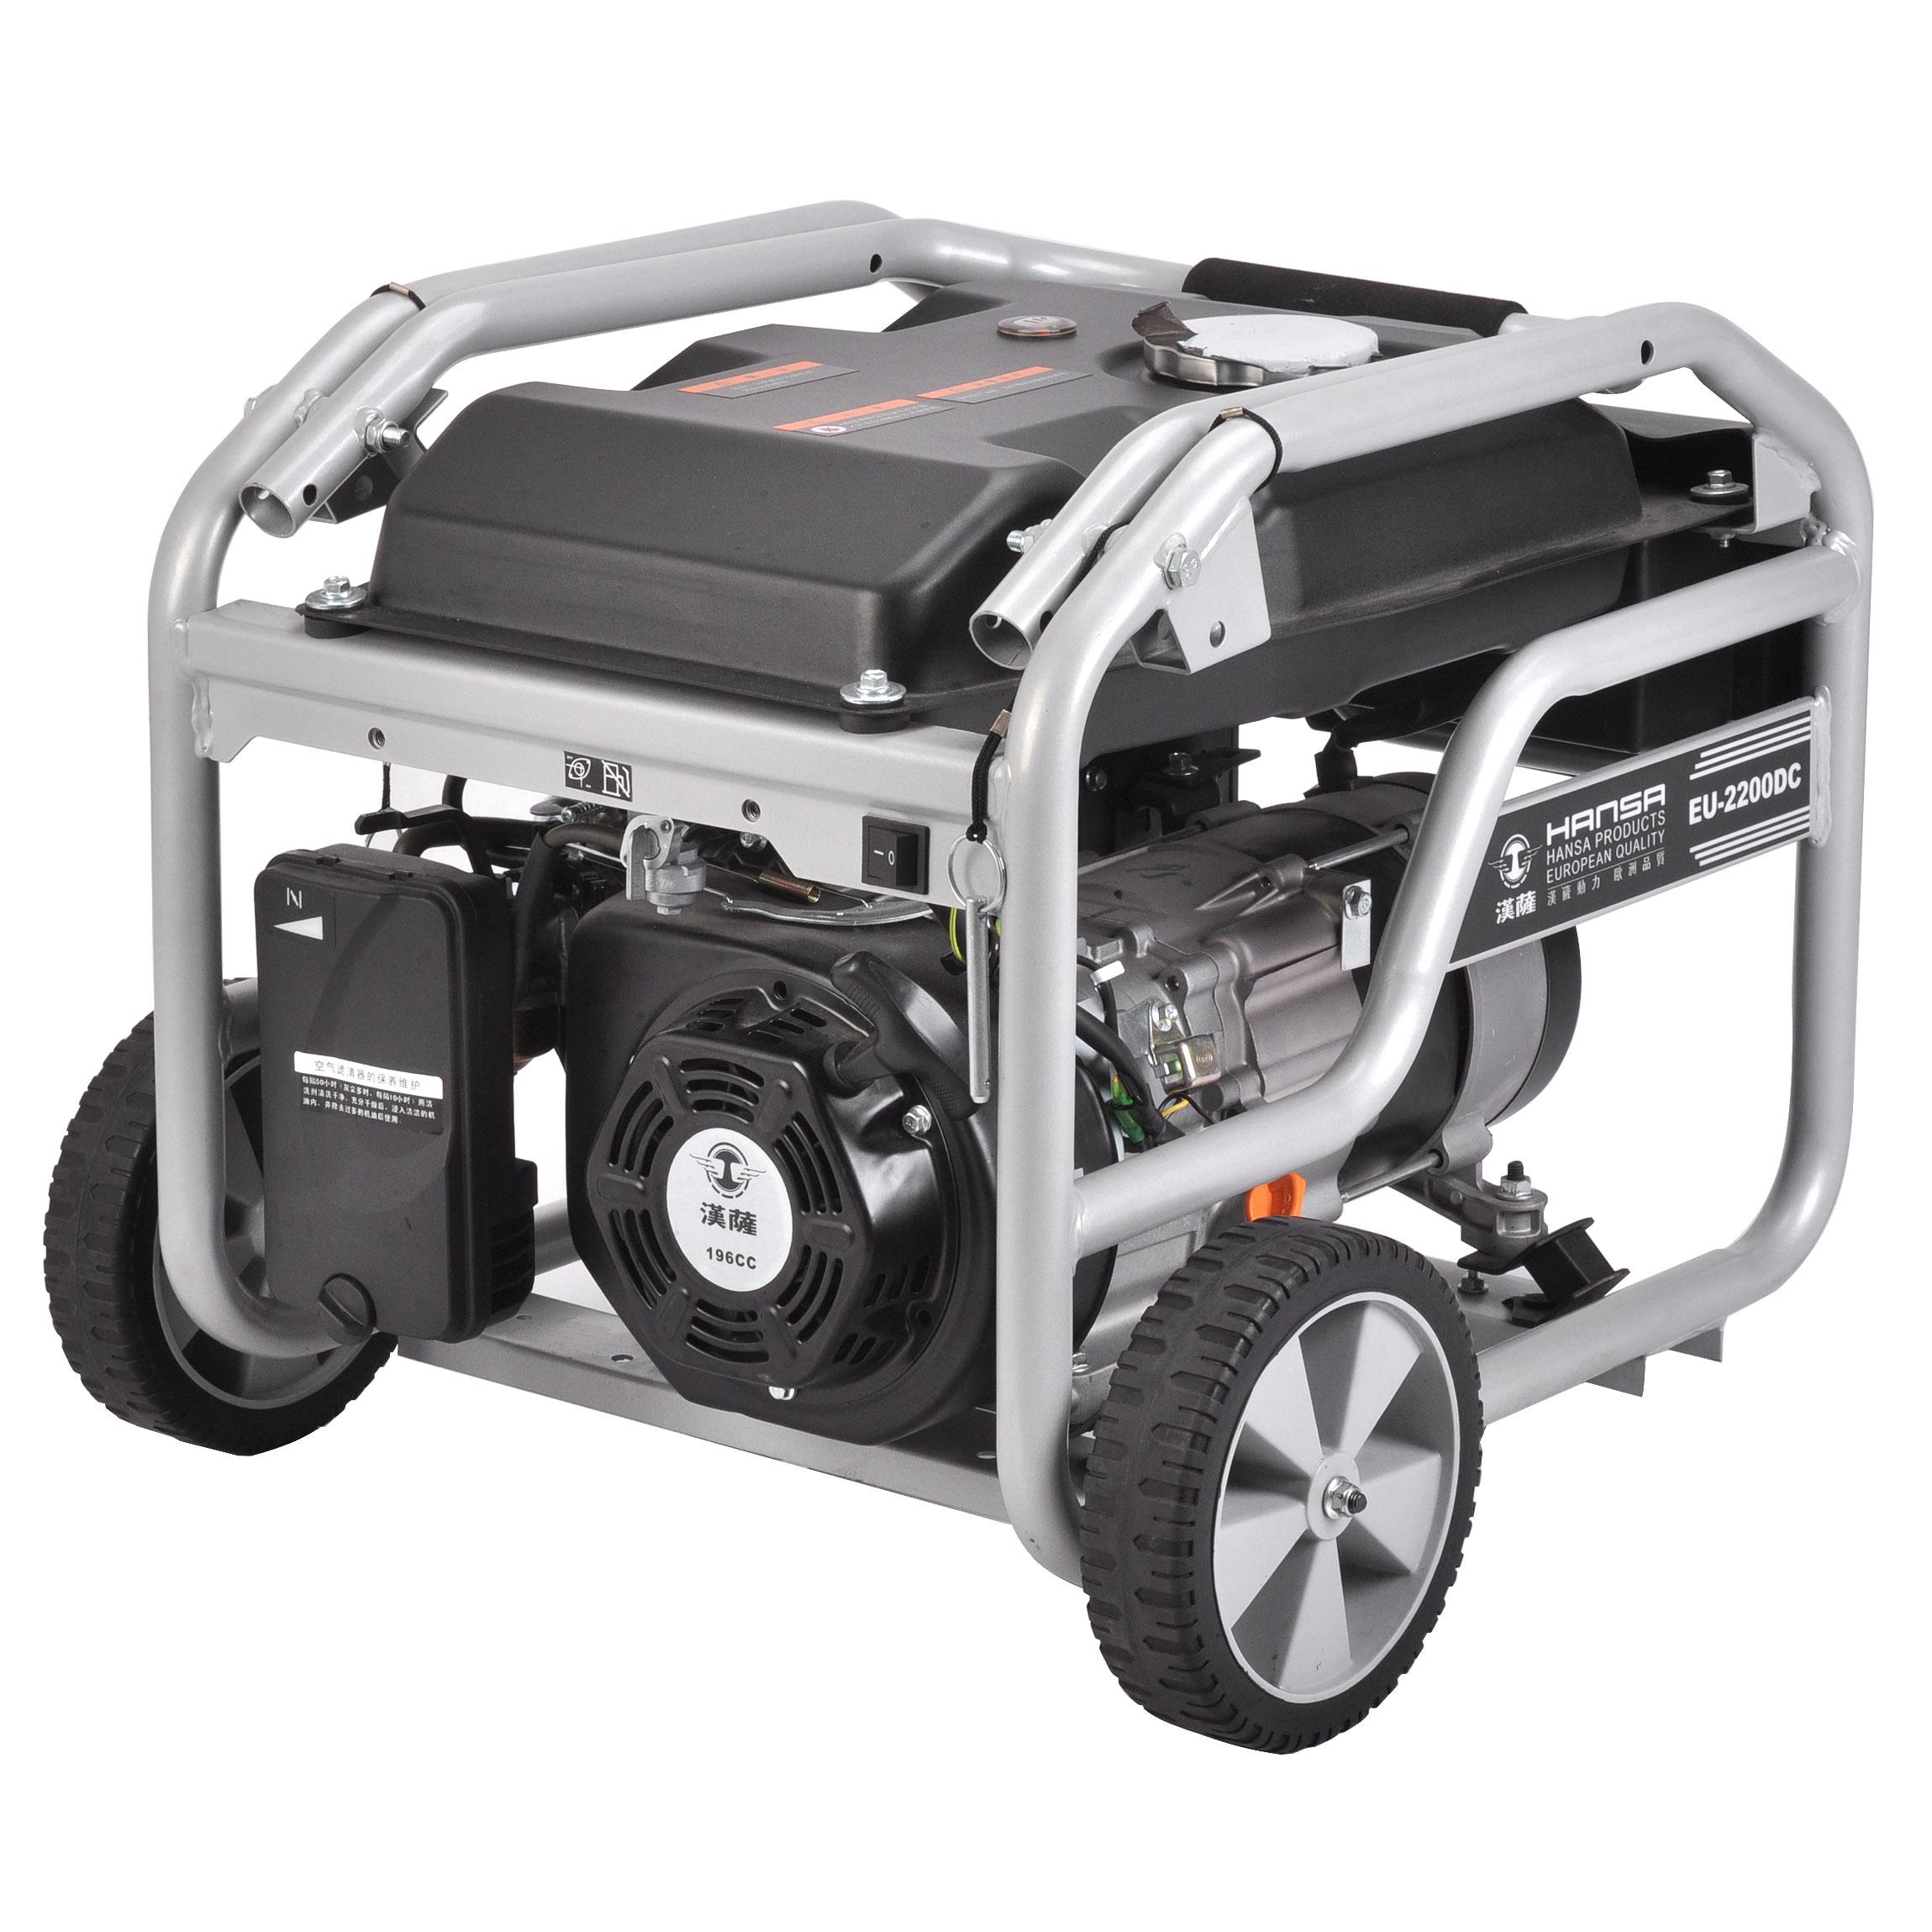 2千瓦小型家用汽油发电机——EU-2200DC